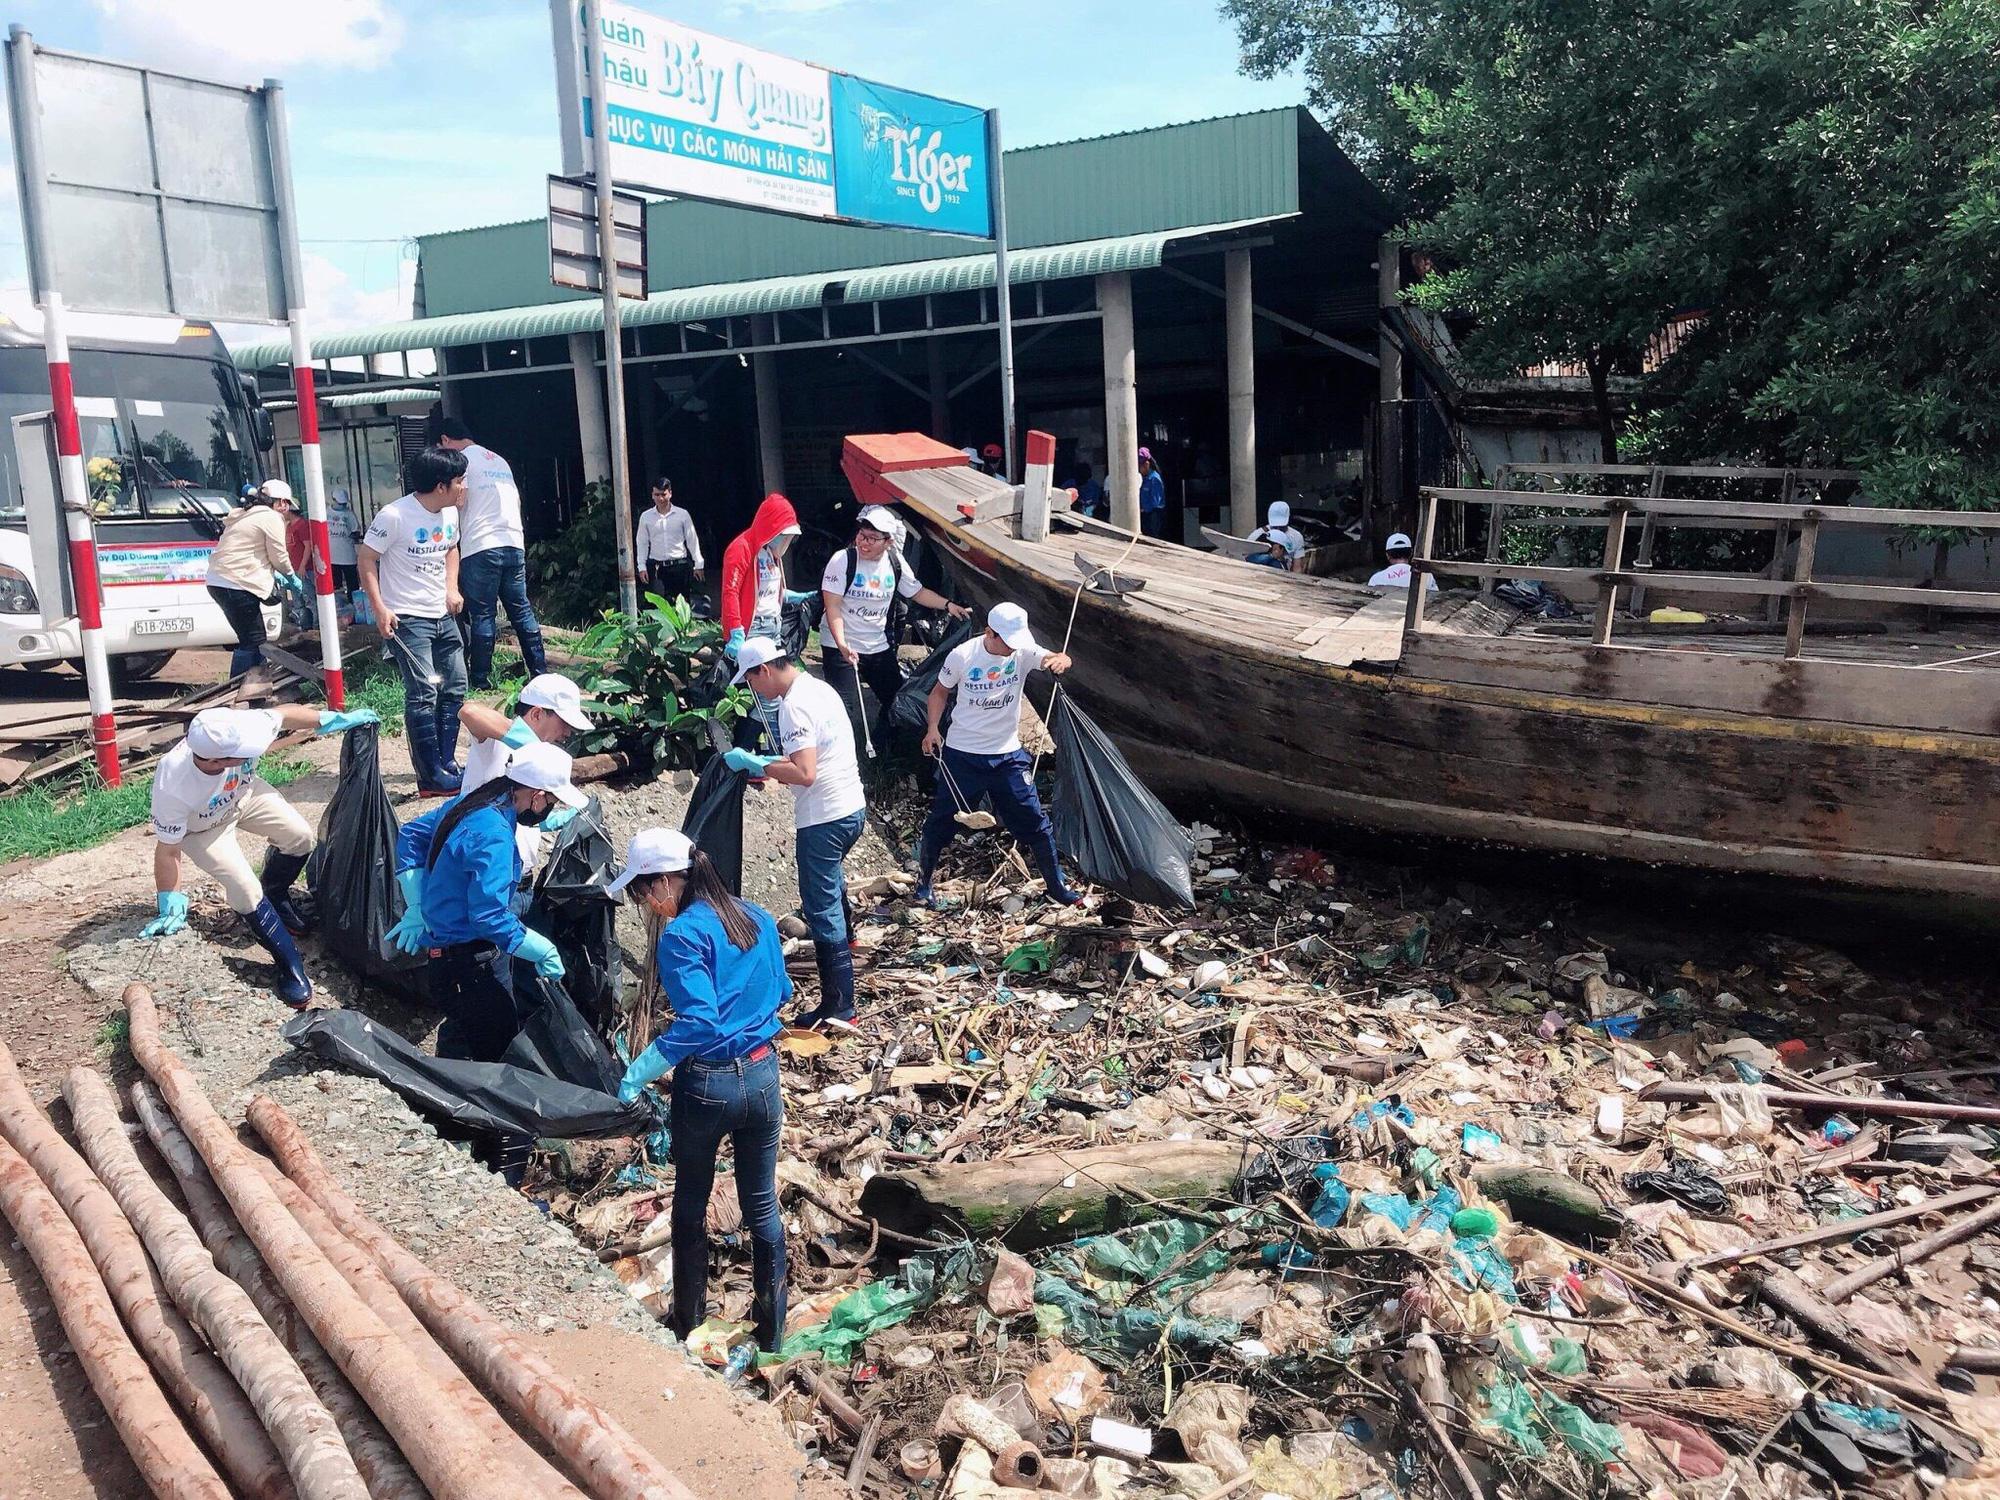 La Vie và Nestlé Việt Nam chung tay giảm thiệt hại từ hạn mặn - Ảnh 4.